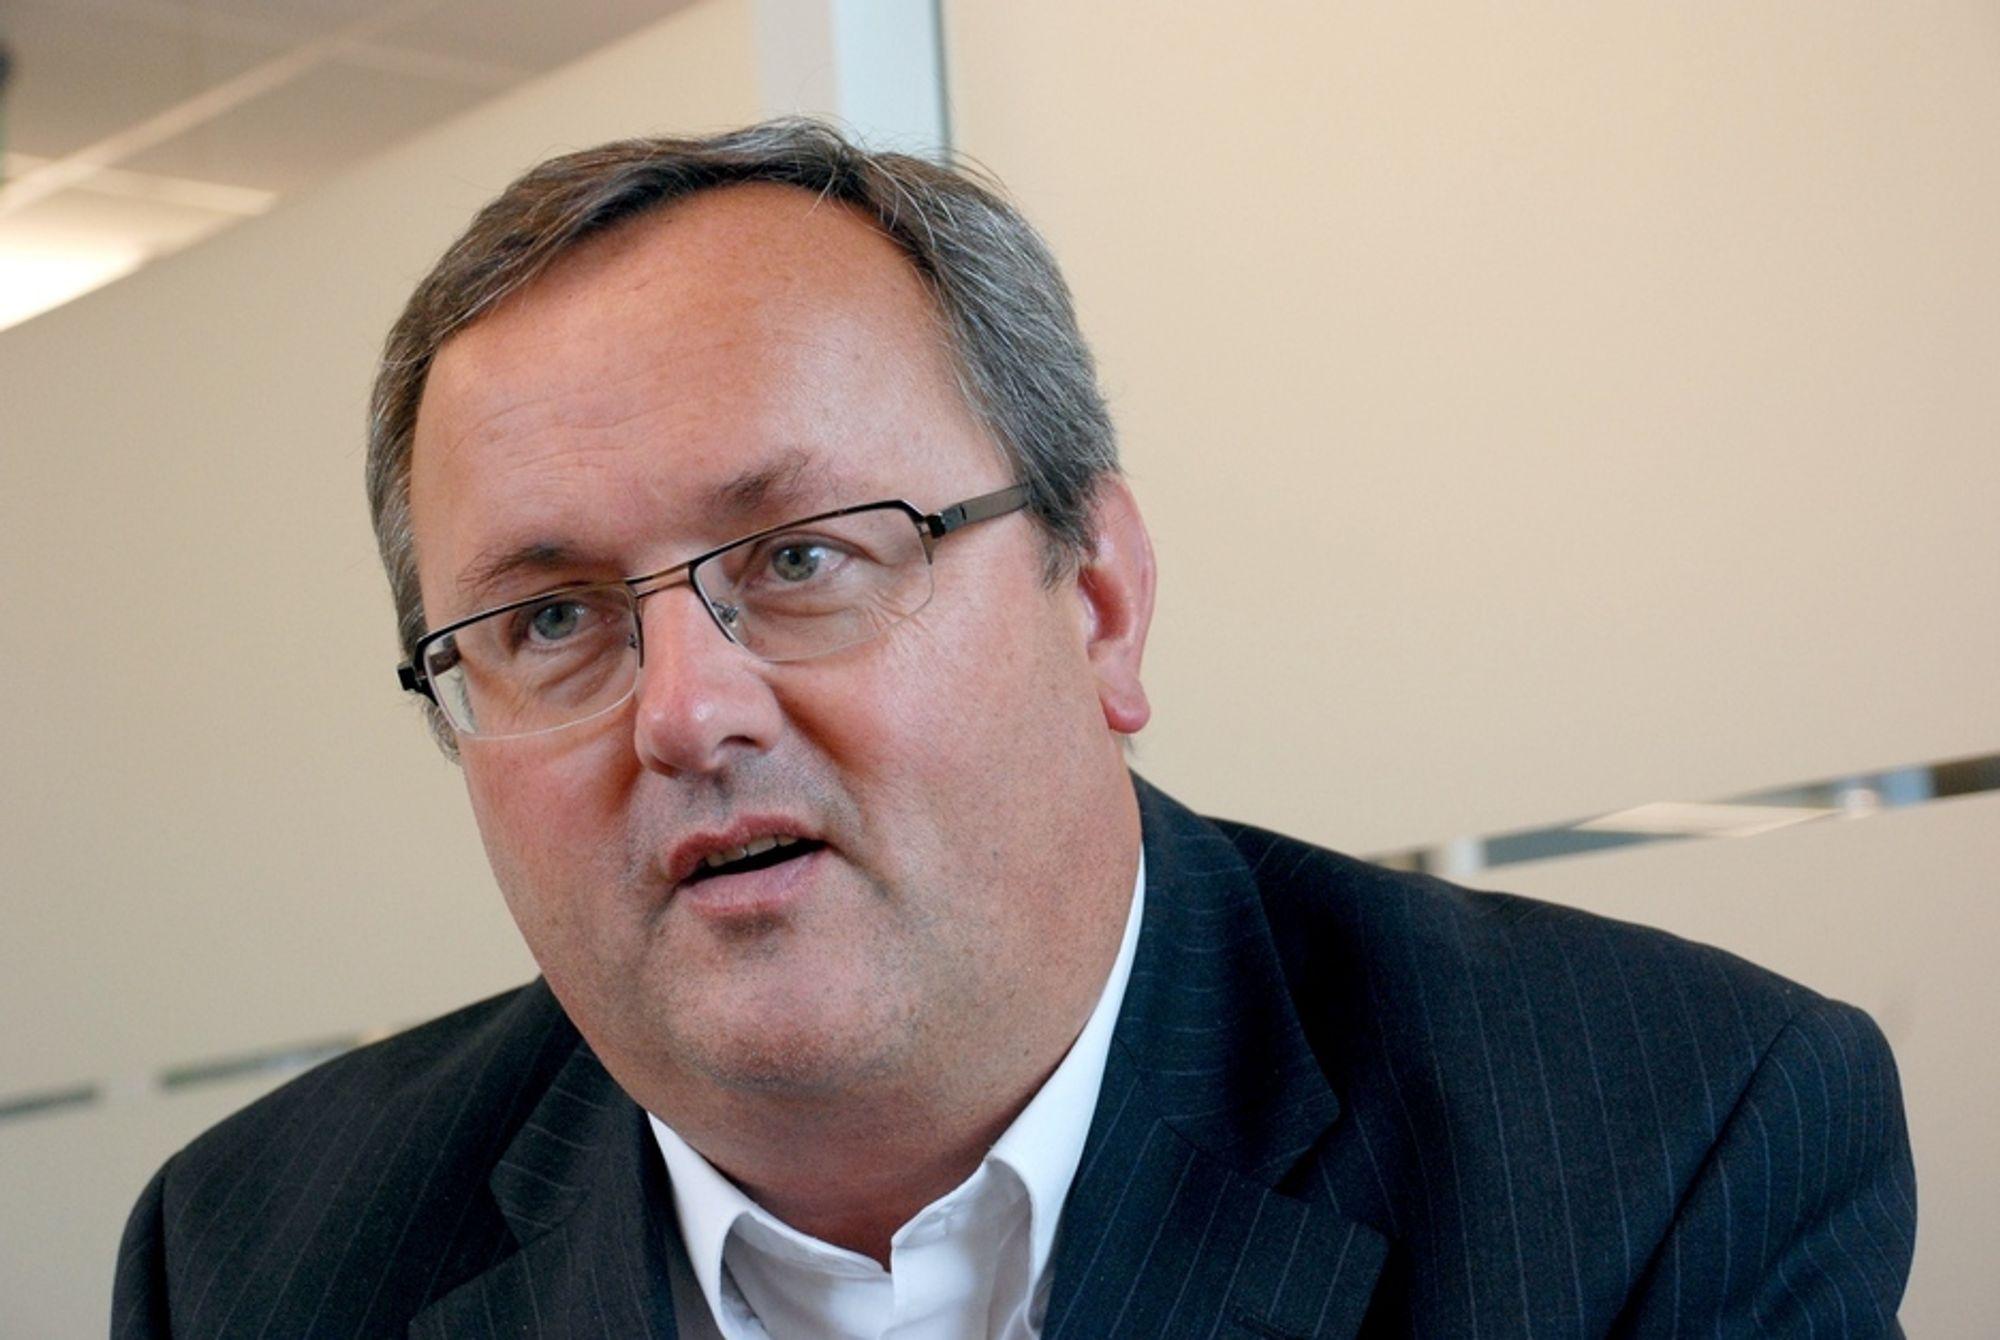 PRISVINNER: Direktør Steinar Bysveen i Energibedriftenes Landsforening får Energidagenes hederspris for foreningens prosjekt Grønn Boks.